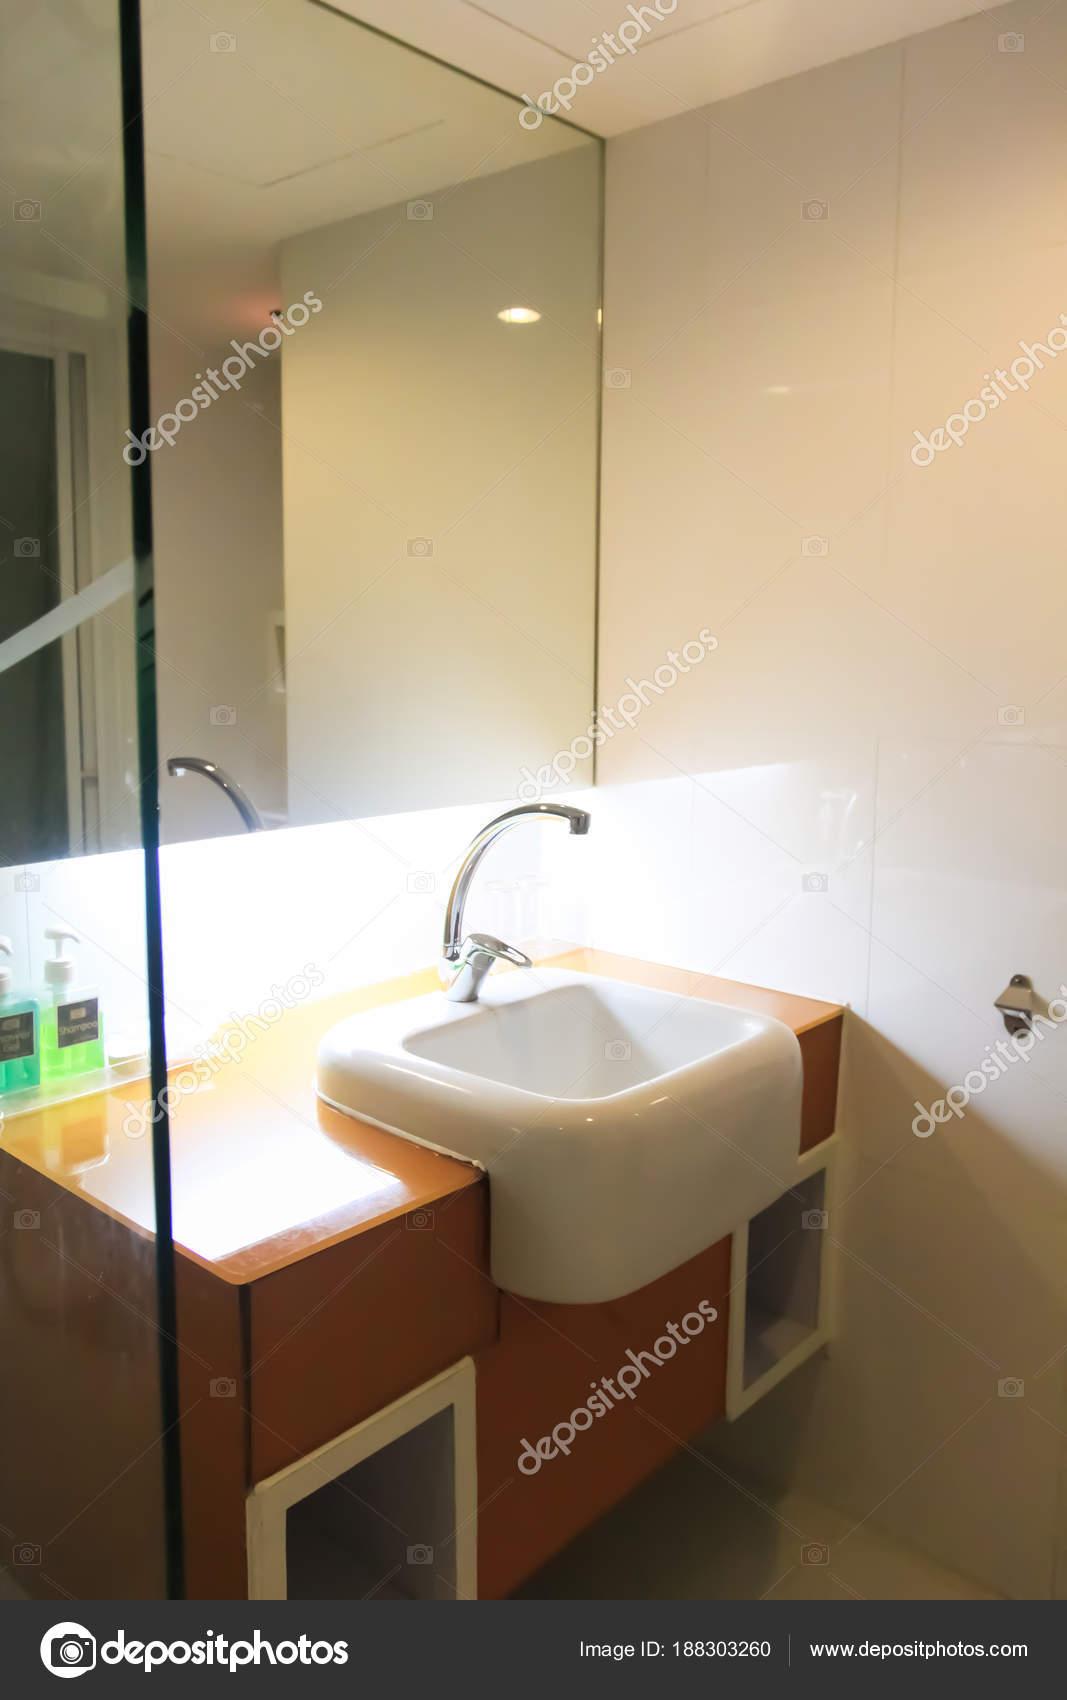 Limpieza edificio moderno decorar cuarto de baño blanco ...